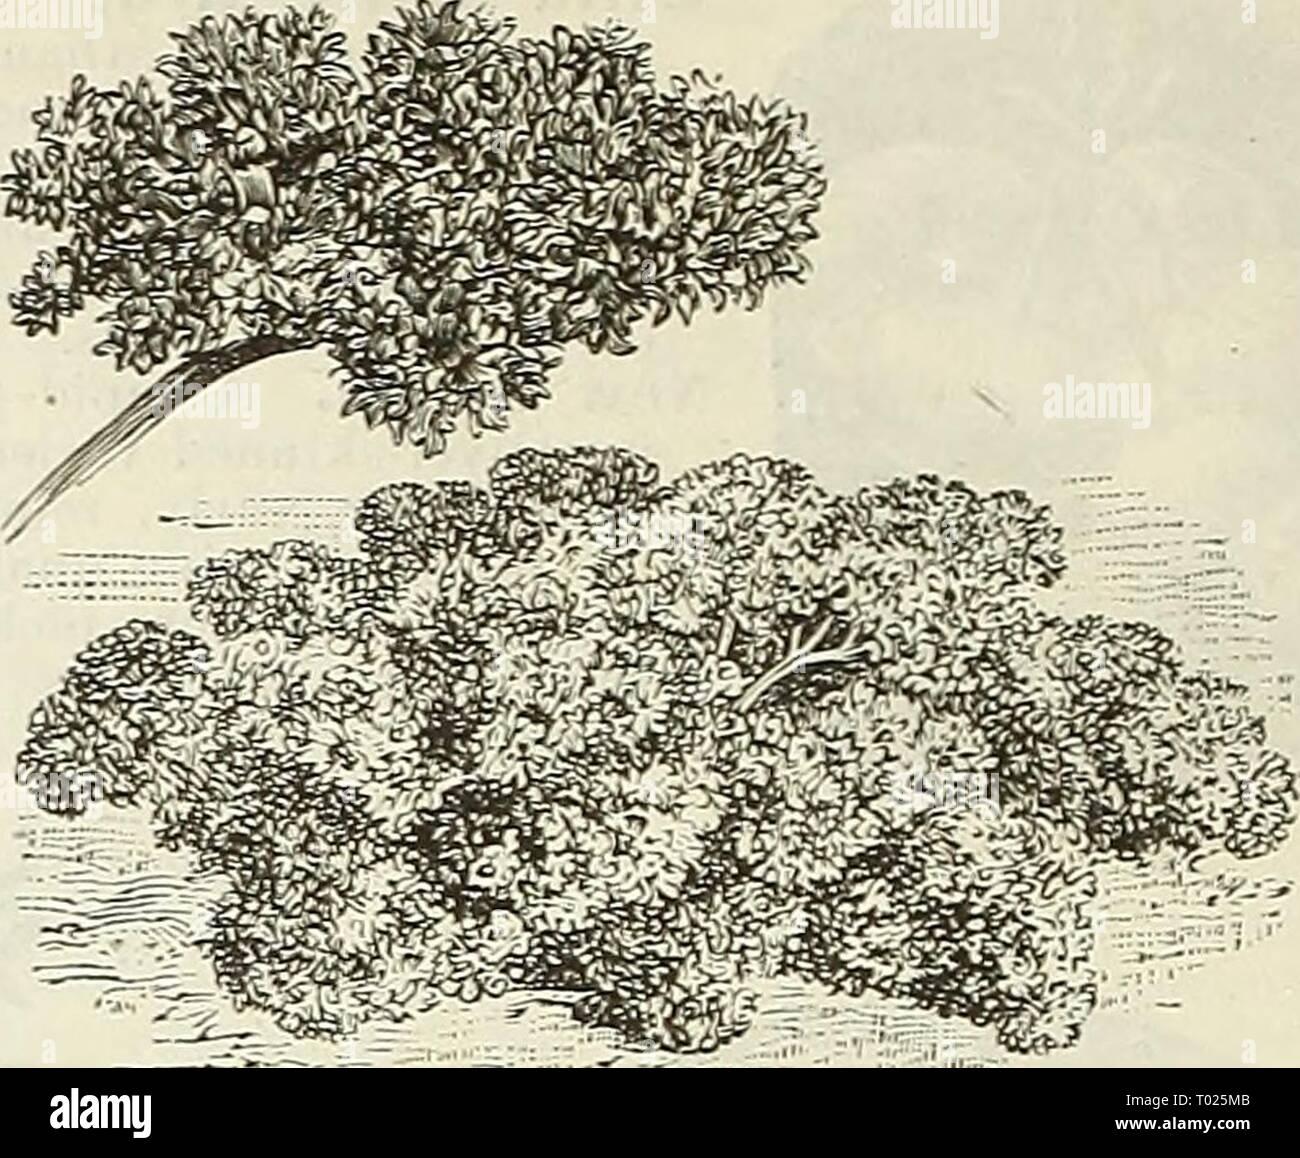 Dreer's garden calendar for 1888   dreersgardencale1888henr